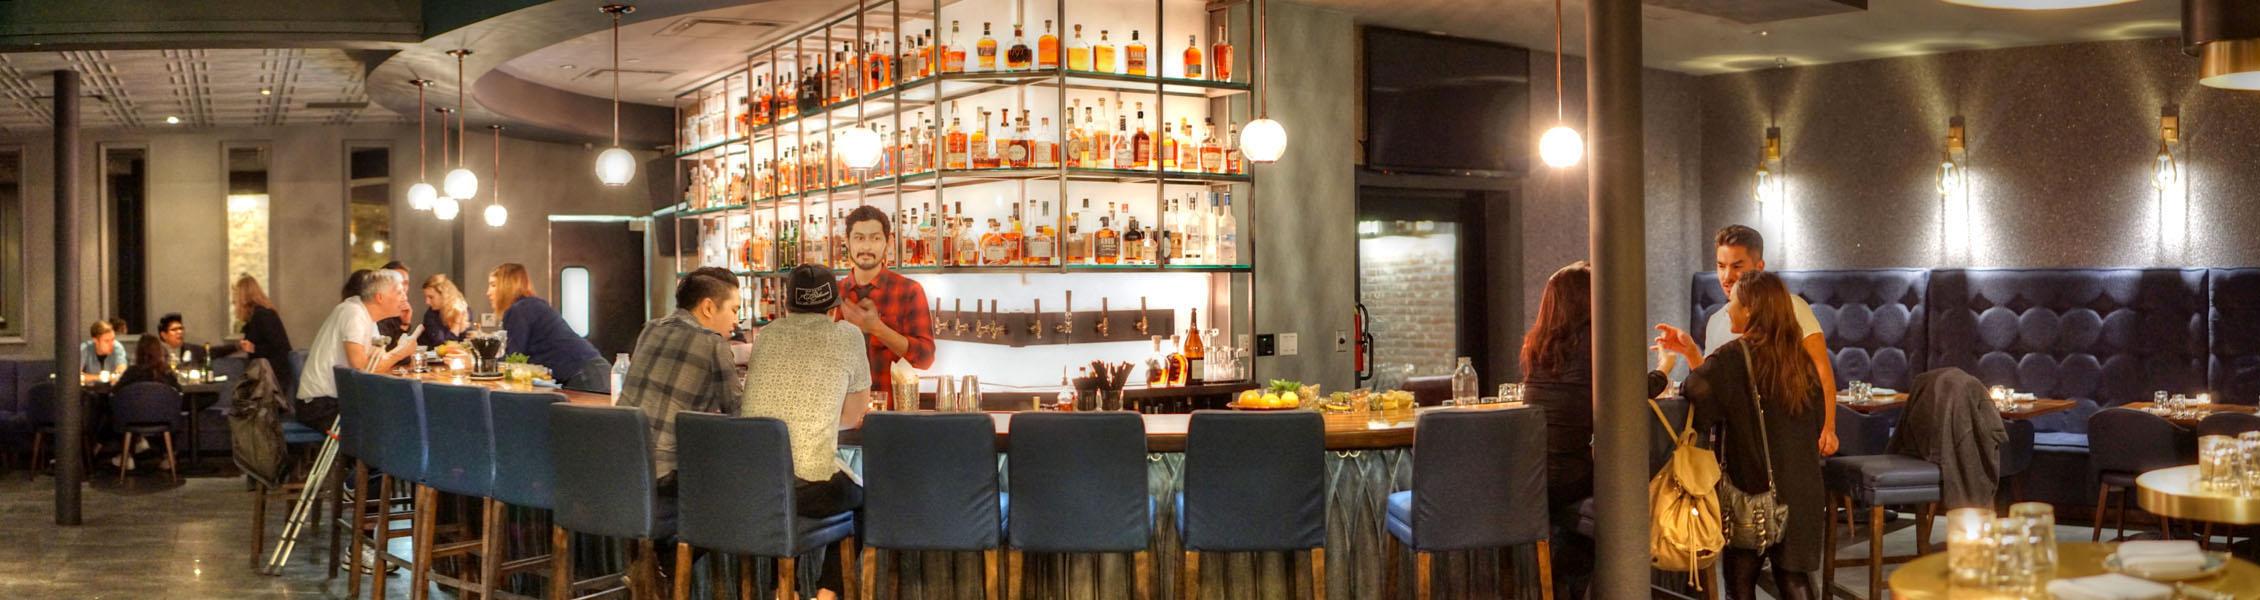 Miro Downstairs Bar